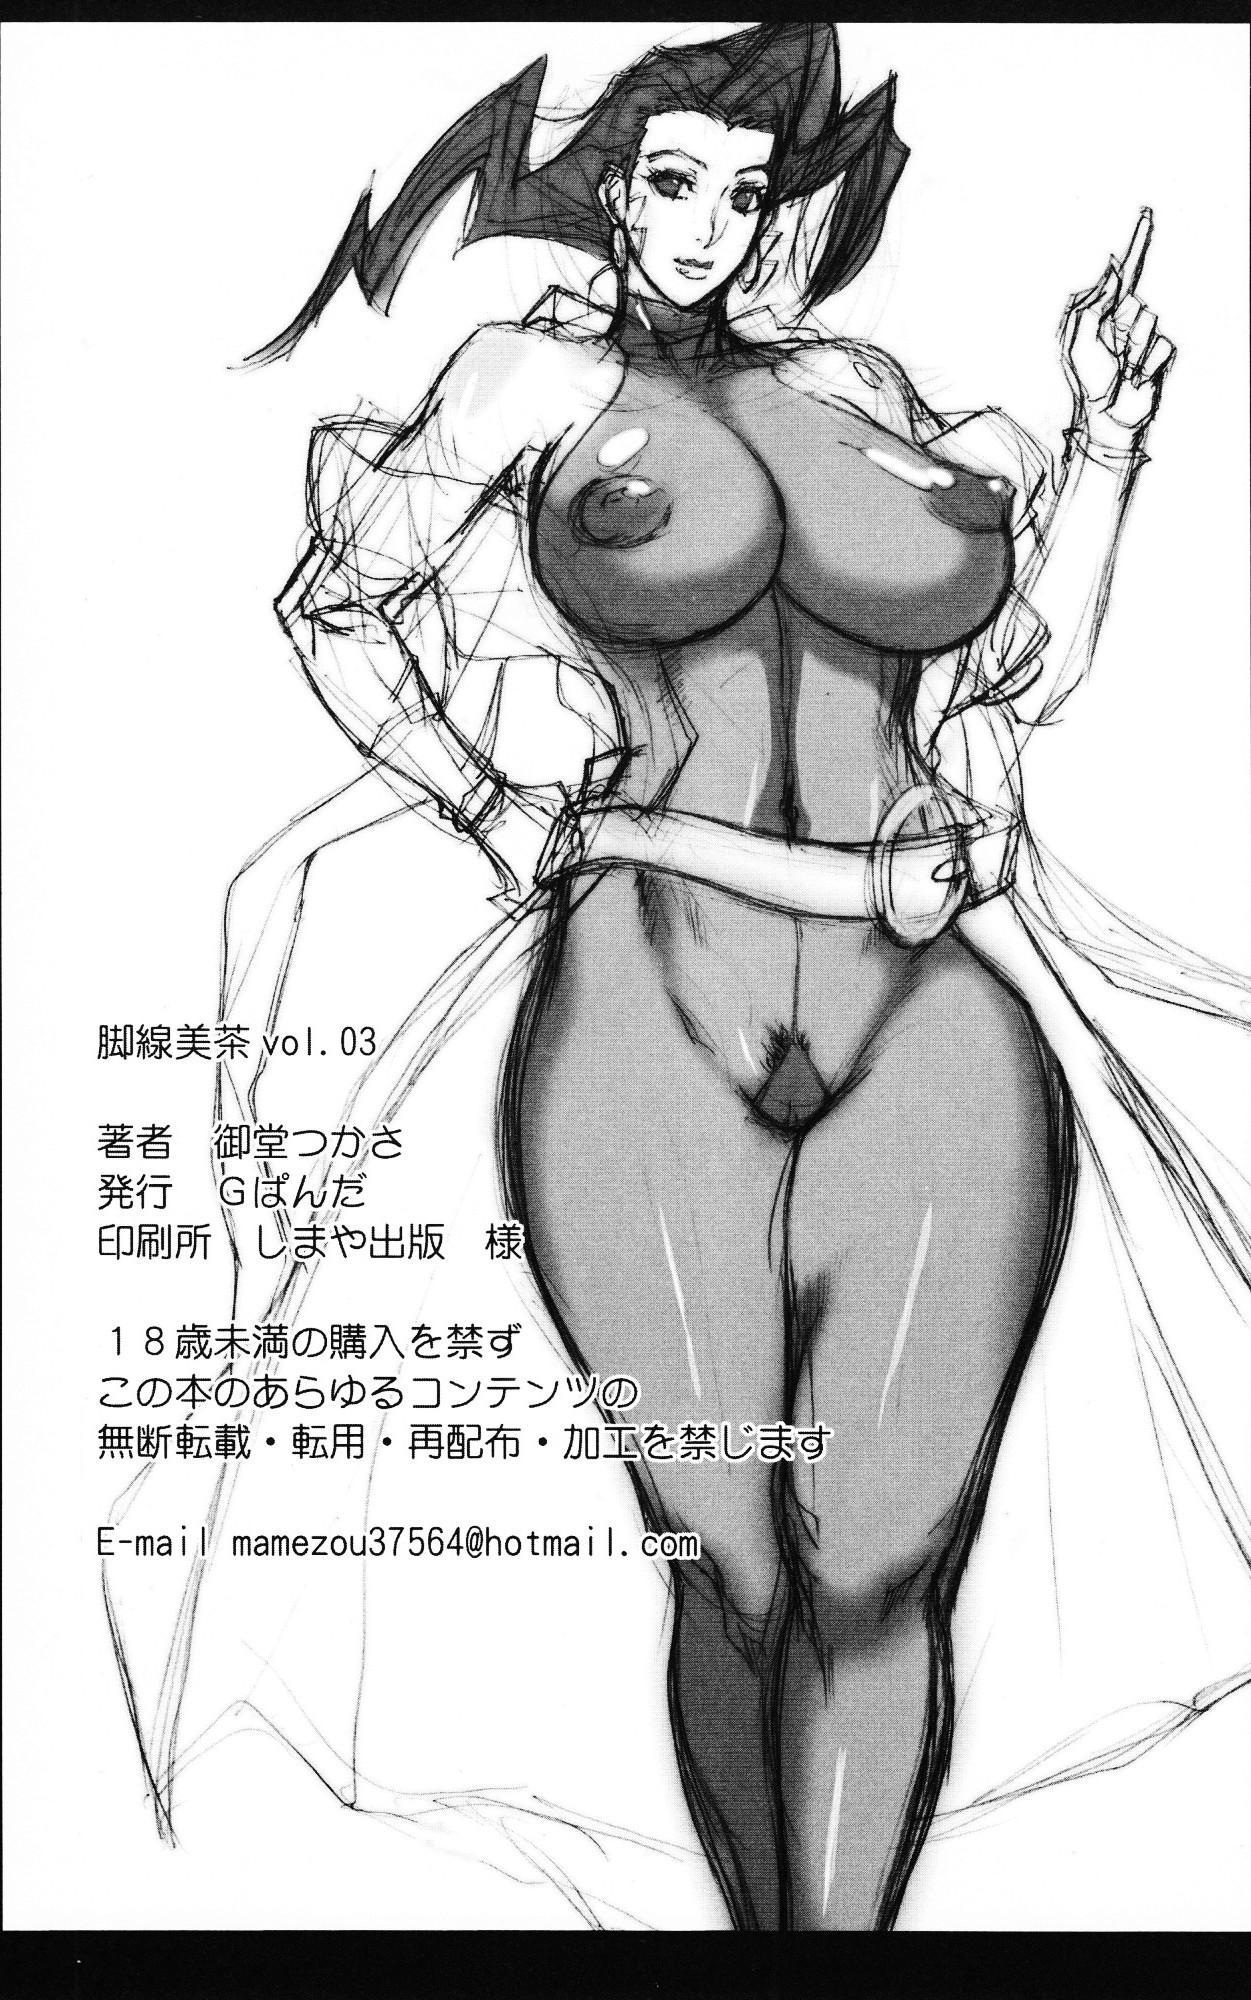 Kyakusenbi Cha Vol. 03 24